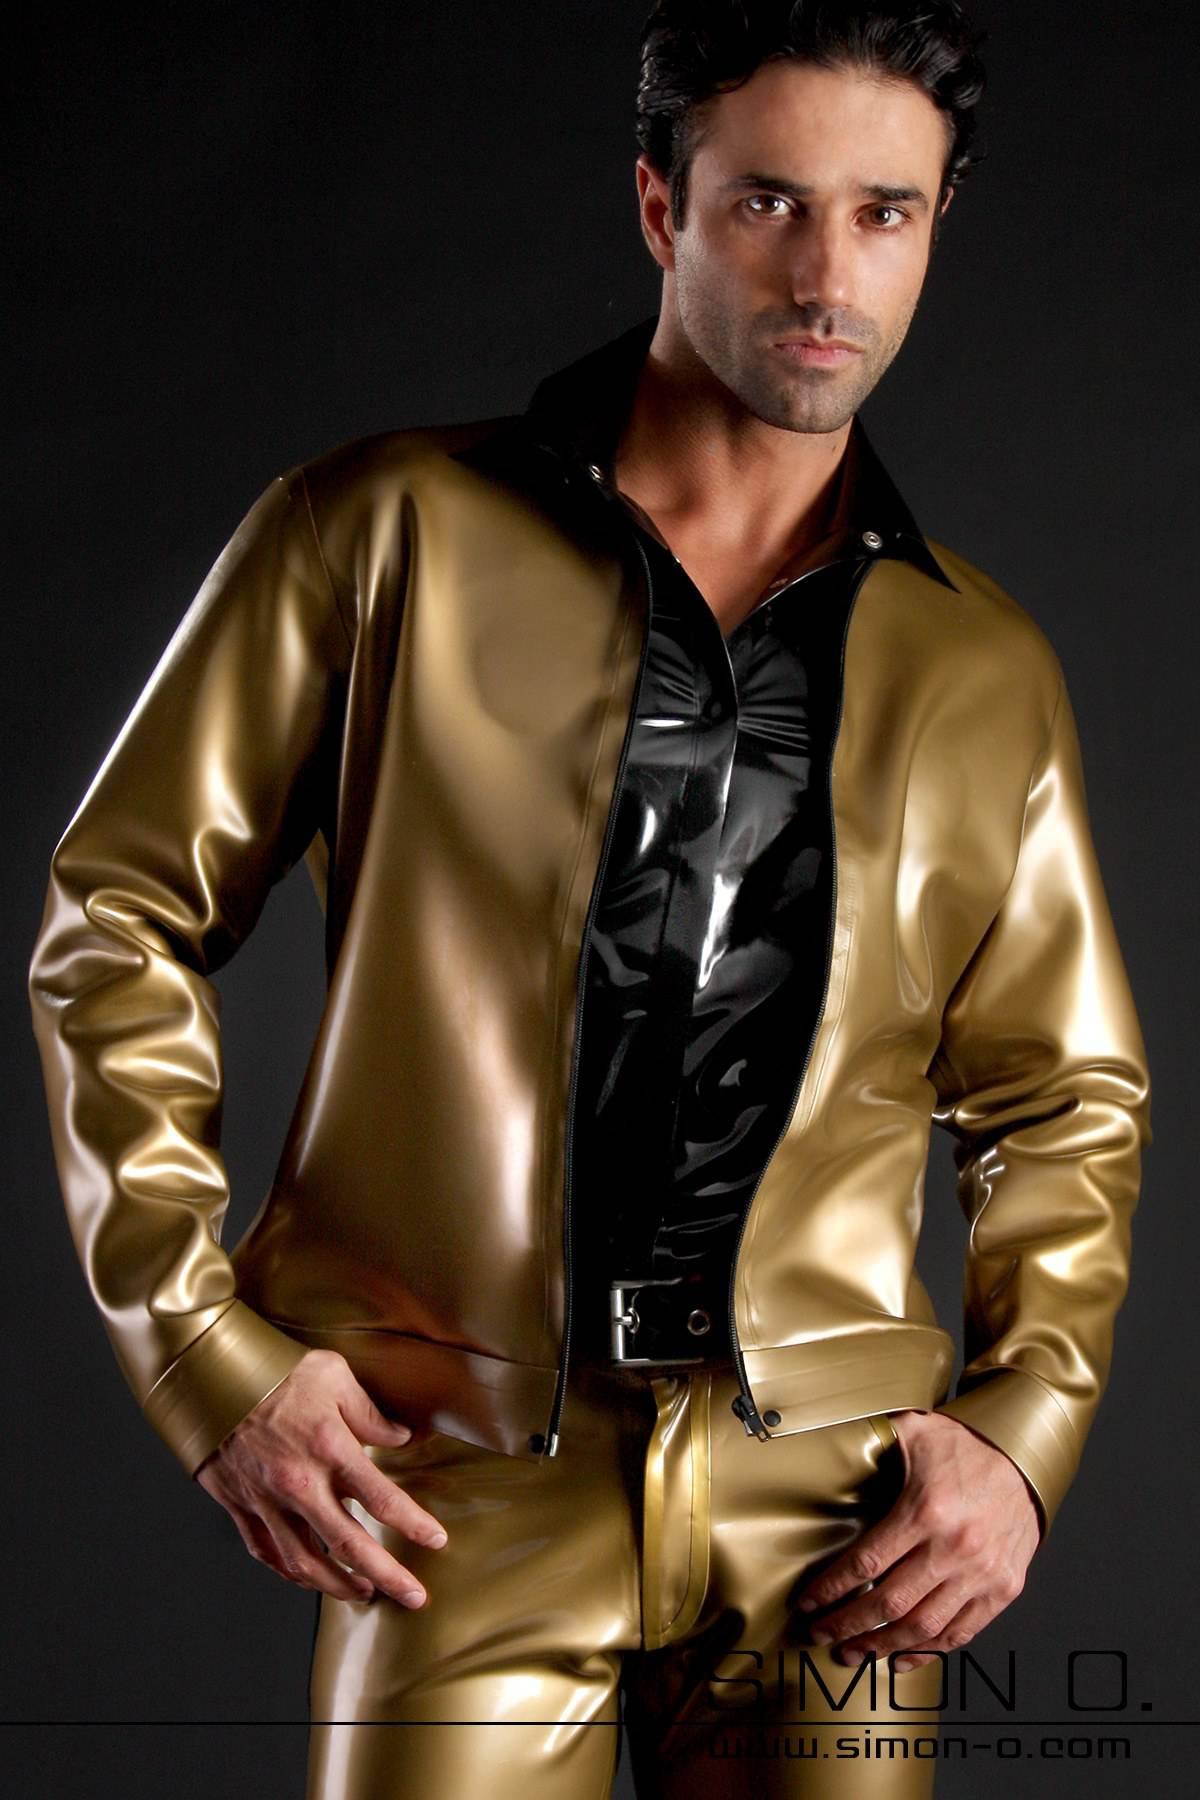 Herren Latex Jacke Extrem aufwendig und mit sehr viel Liebe zum Detail geklebte Latex Herrenjacke aus dickem Latex (0.6mm teilweise 1,0 mm). Der Bund sowie …